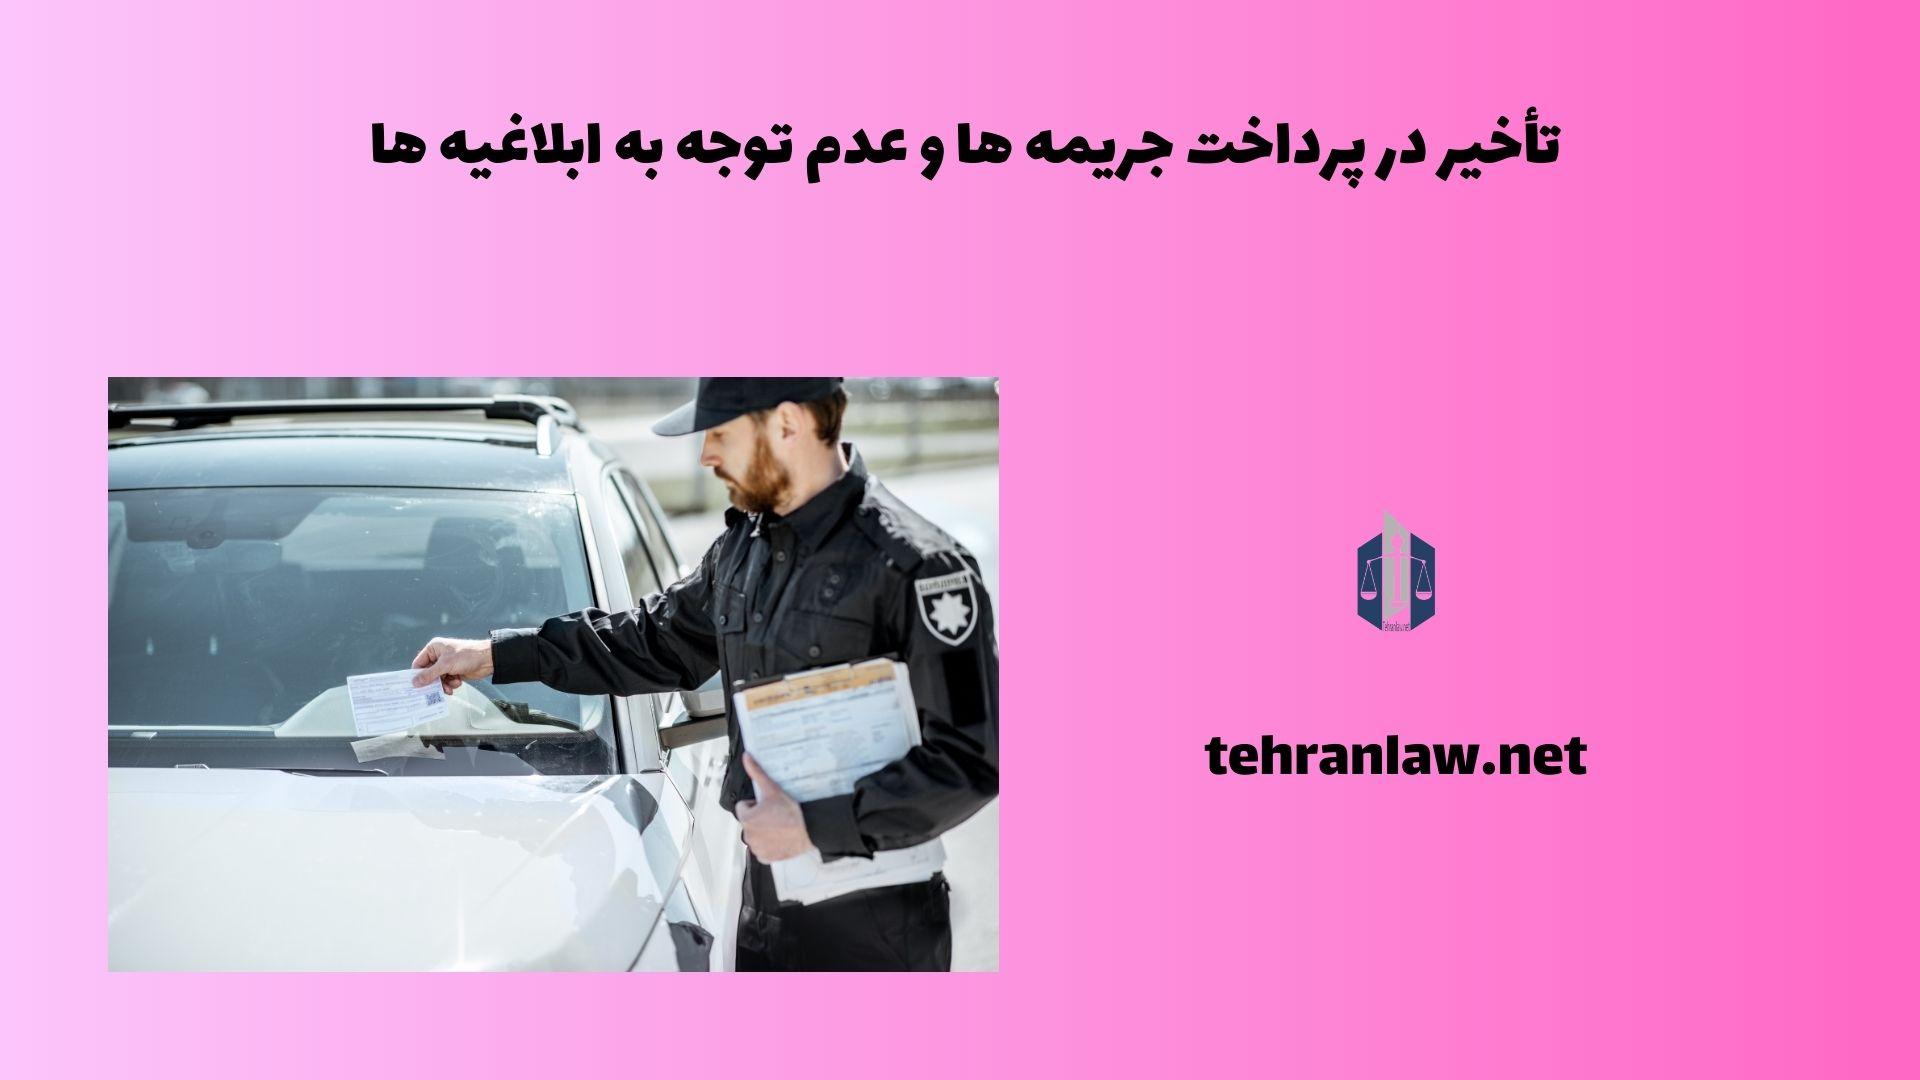 تأخیر در پرداخت جریمه ها و عدم توجه به ابلاغیه ها